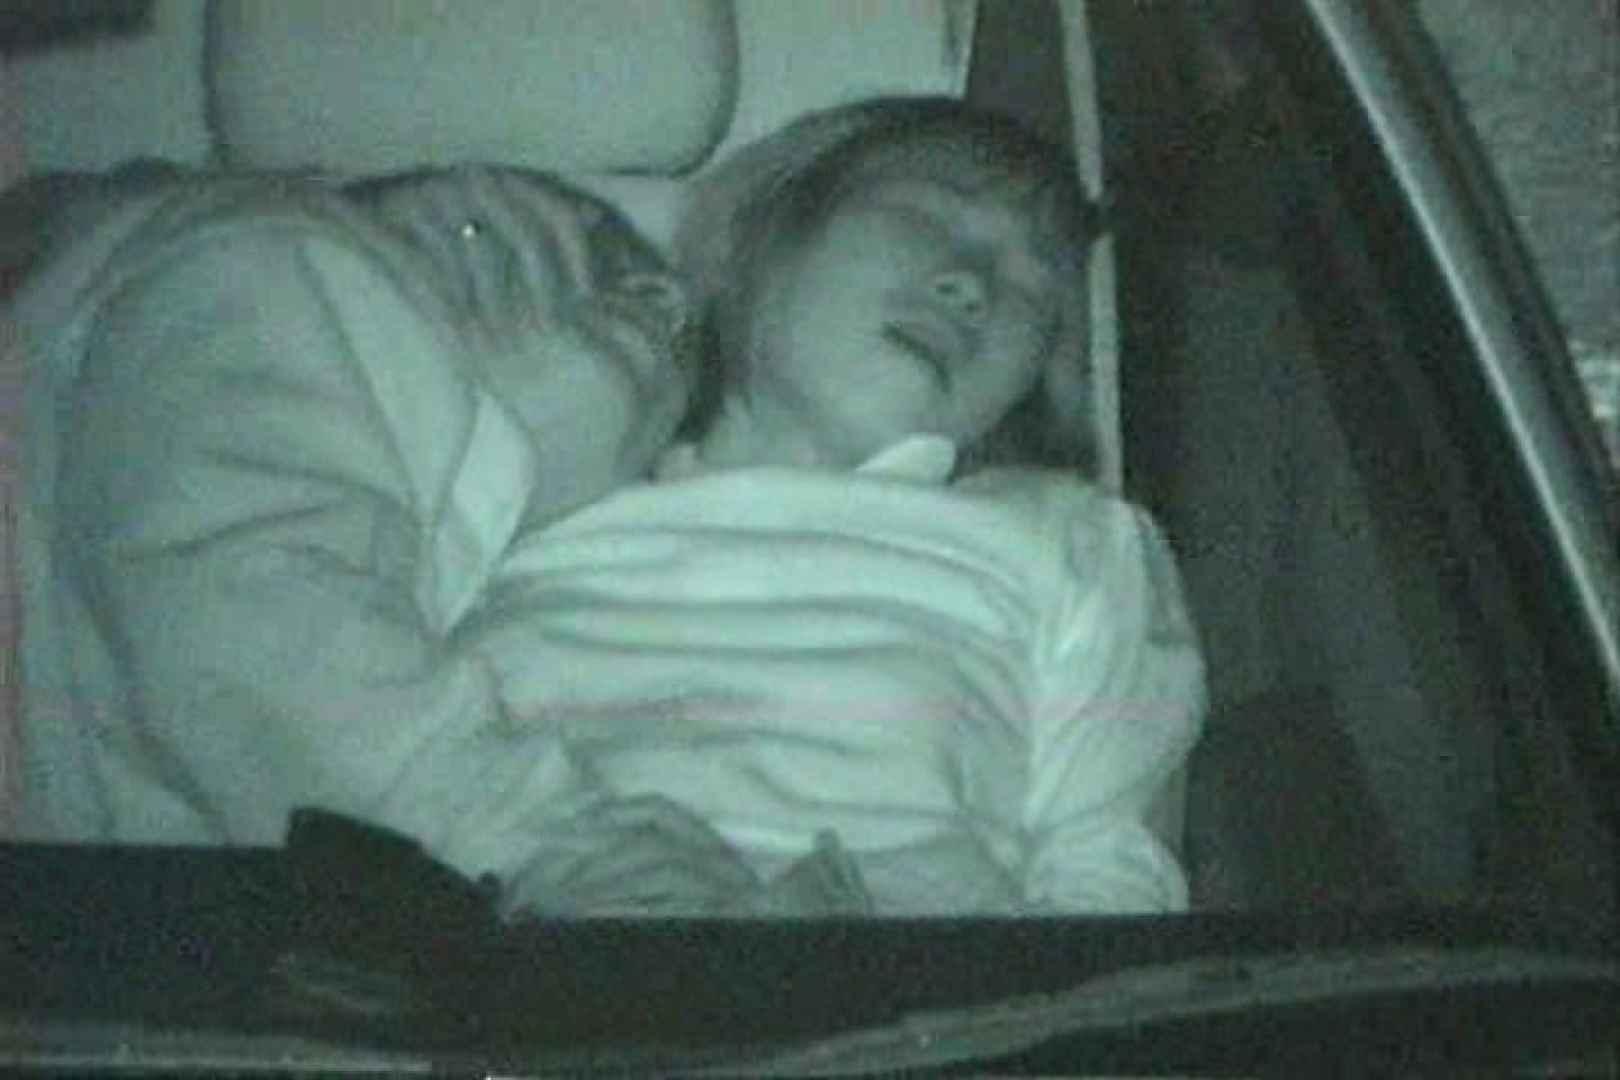 車の中はラブホテル 無修正版  Vol.27 盗撮特集  58画像 8